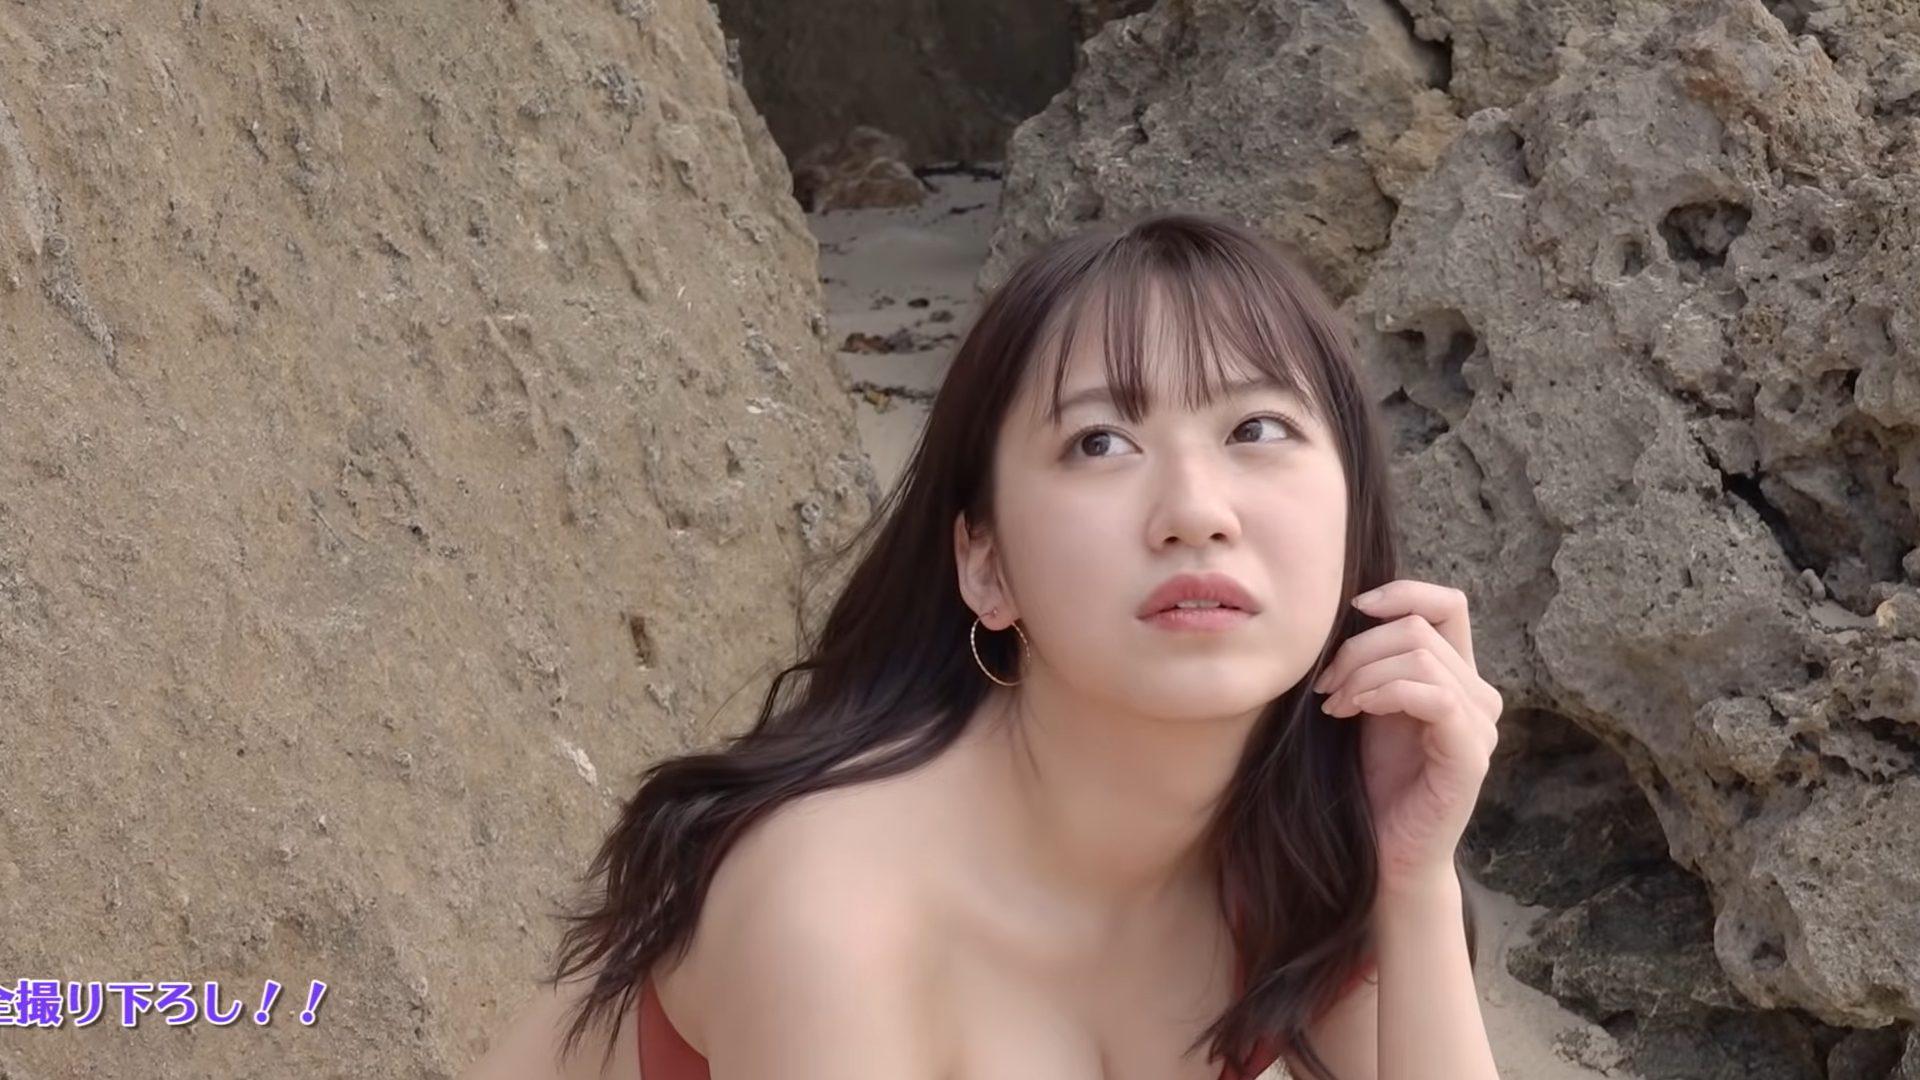 【野中美希】-カップ ファースト写真集「To be myself」発売決定!水着姿を披露!